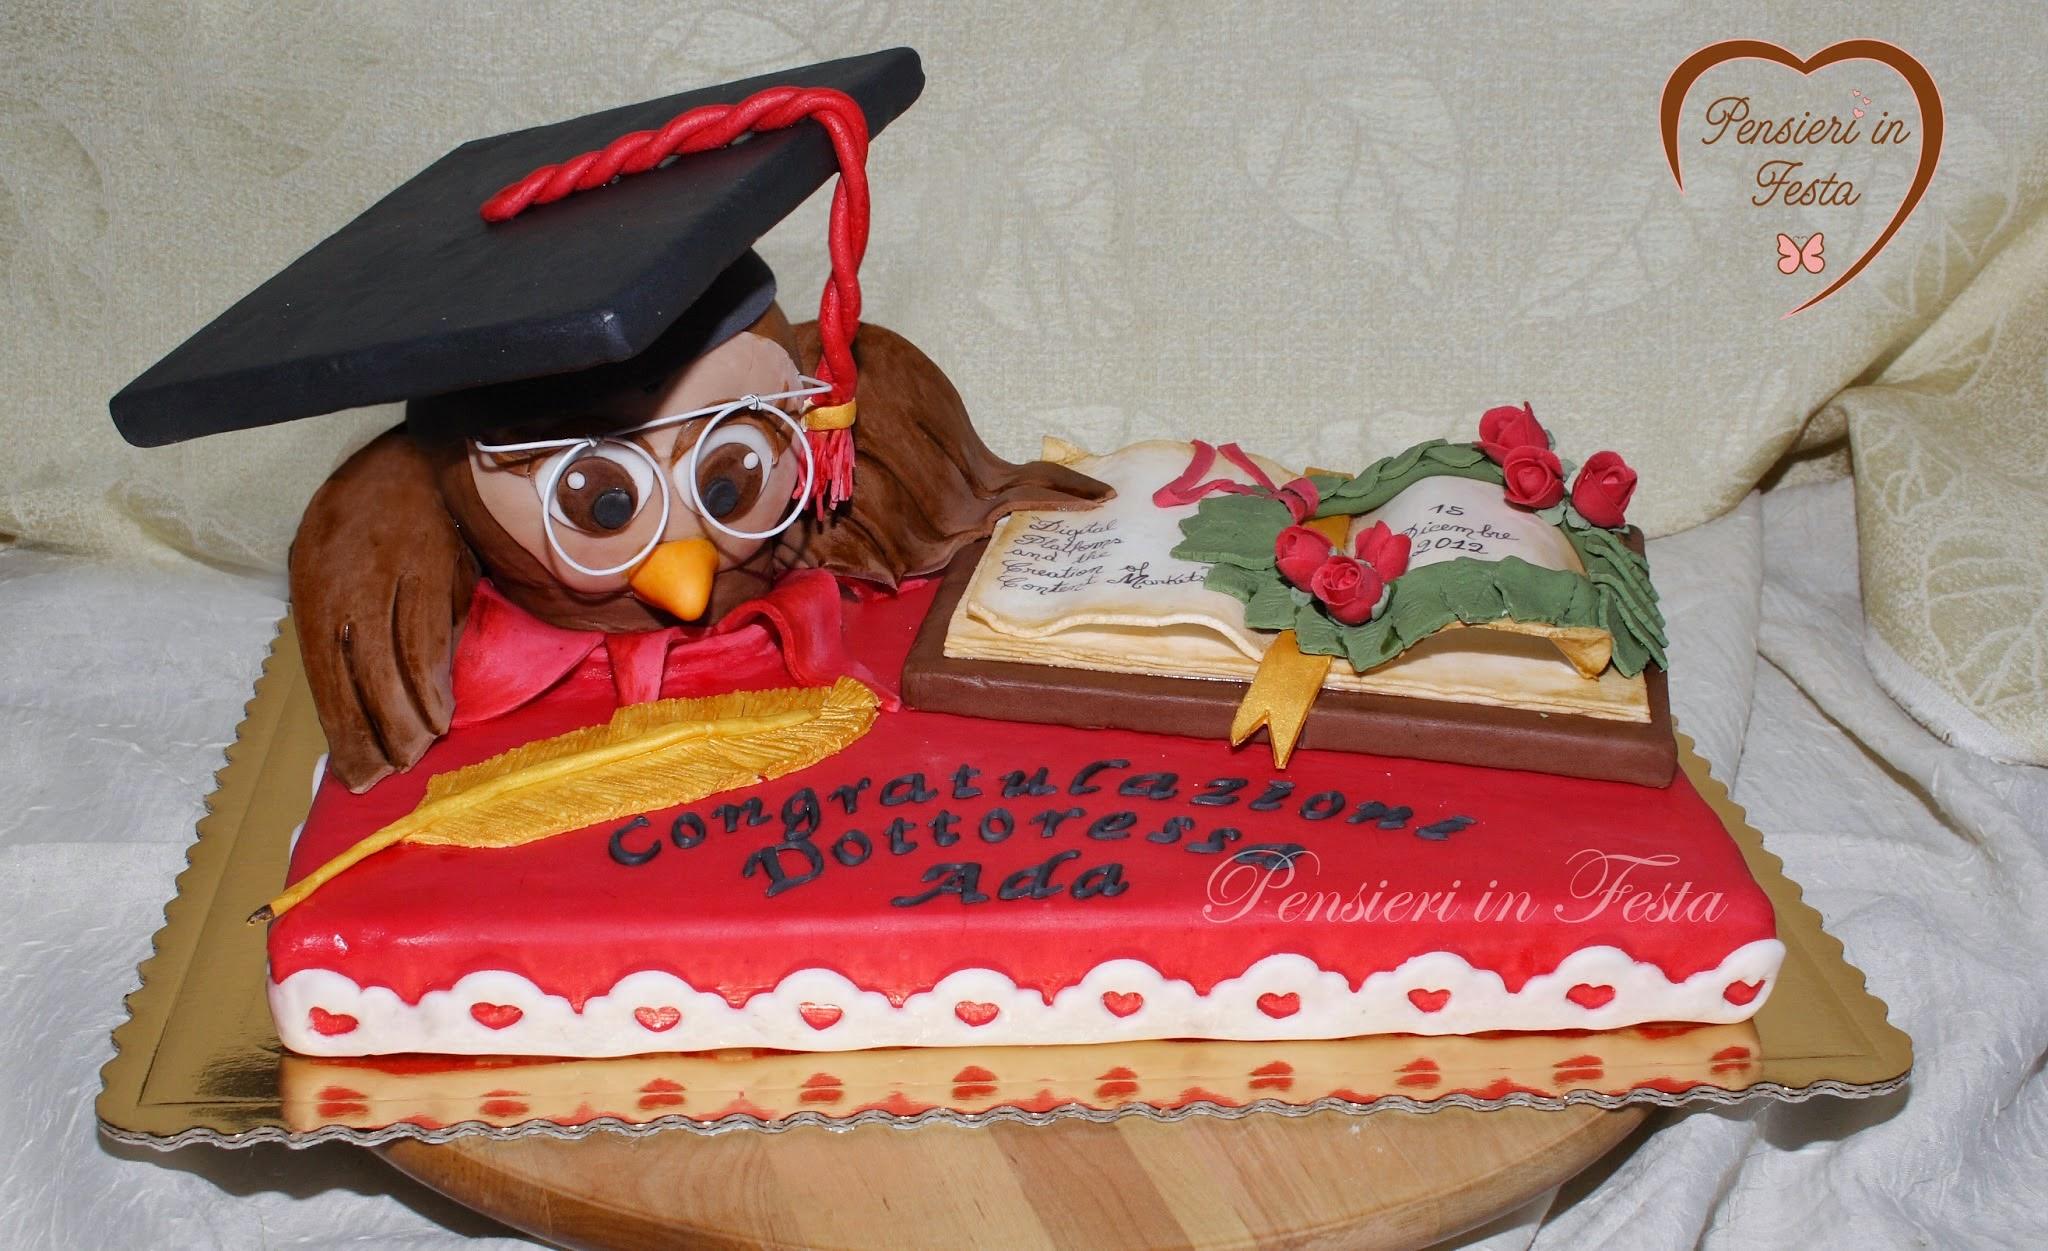 Molto Torta ##torte ##laurea ##congratulazioni ##congratulations ##con CG87